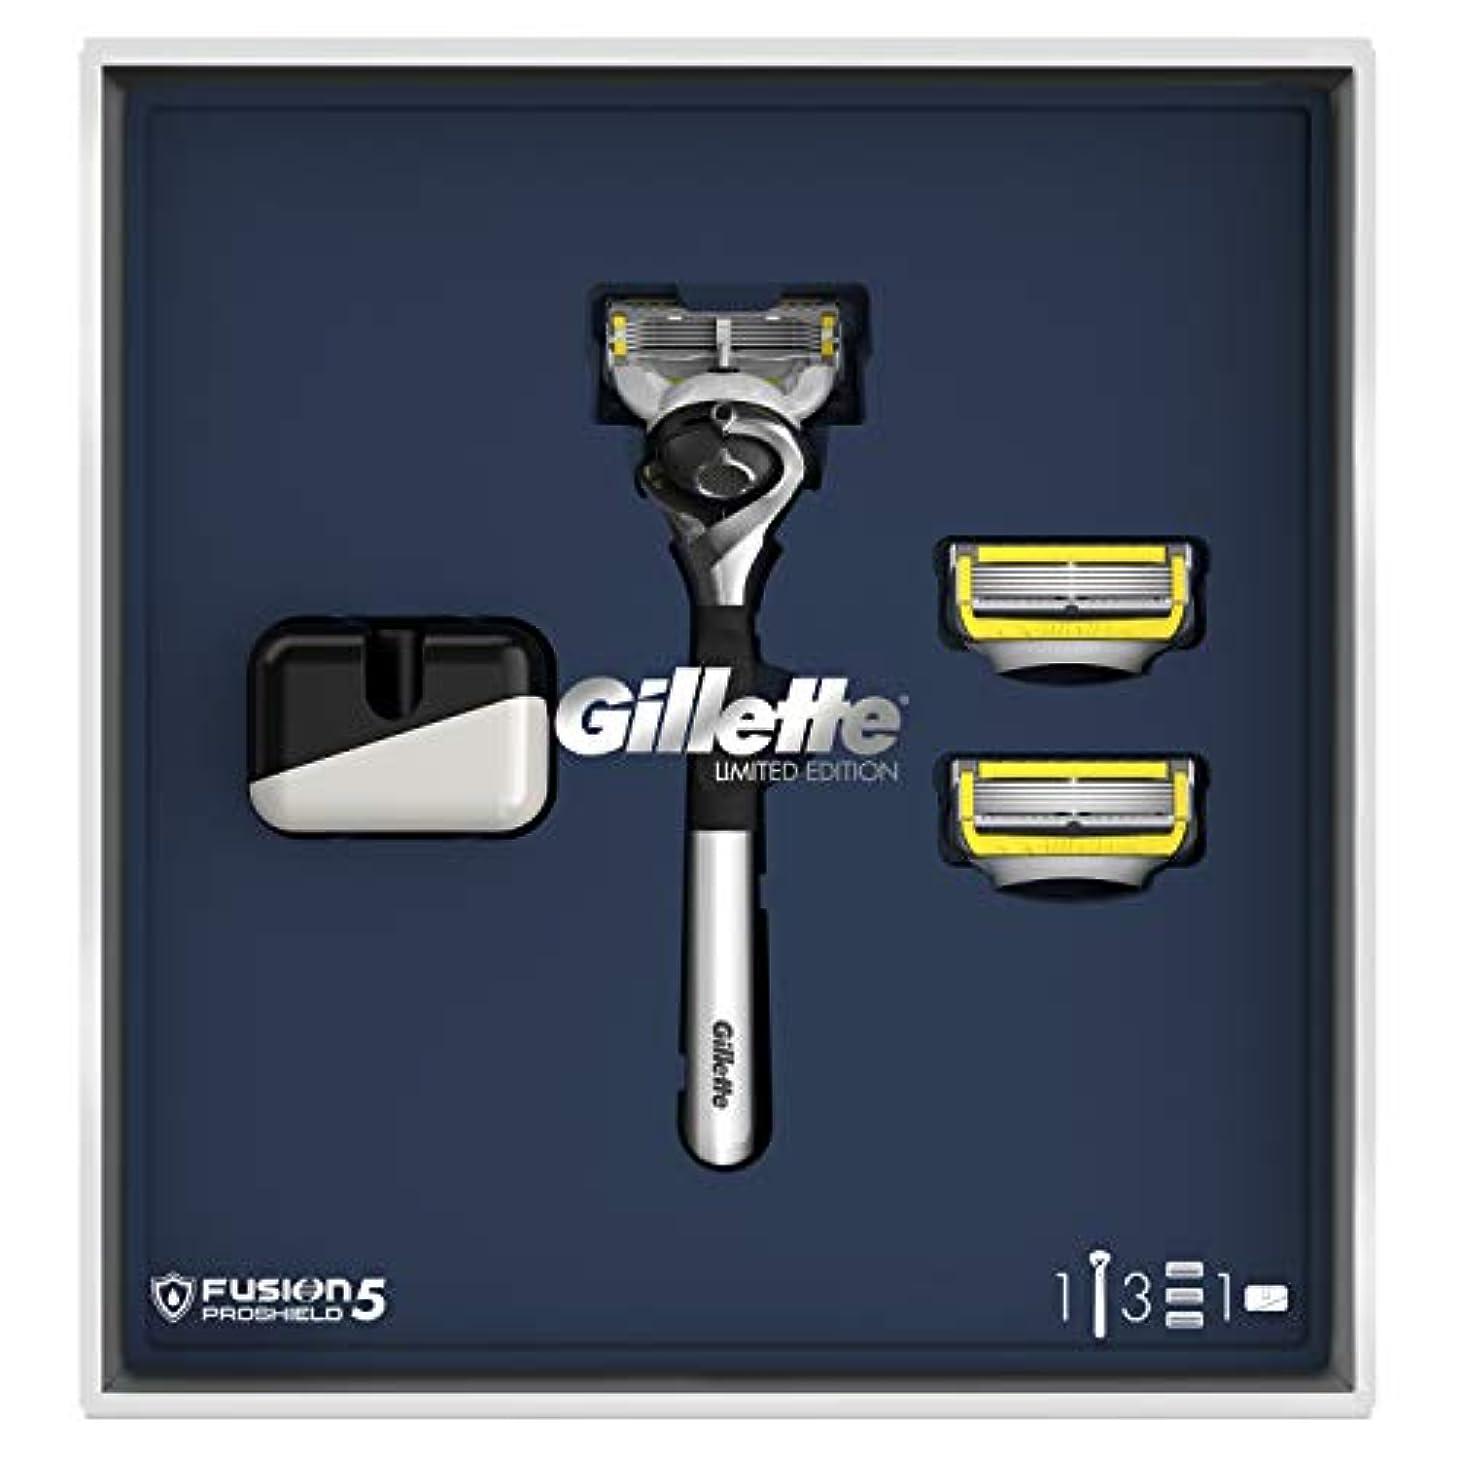 ラインナップ手段帝国ジレット プロシールド 髭剃り本体+替刃3個 オリジナルスタンド付 スペシャルパッケージ